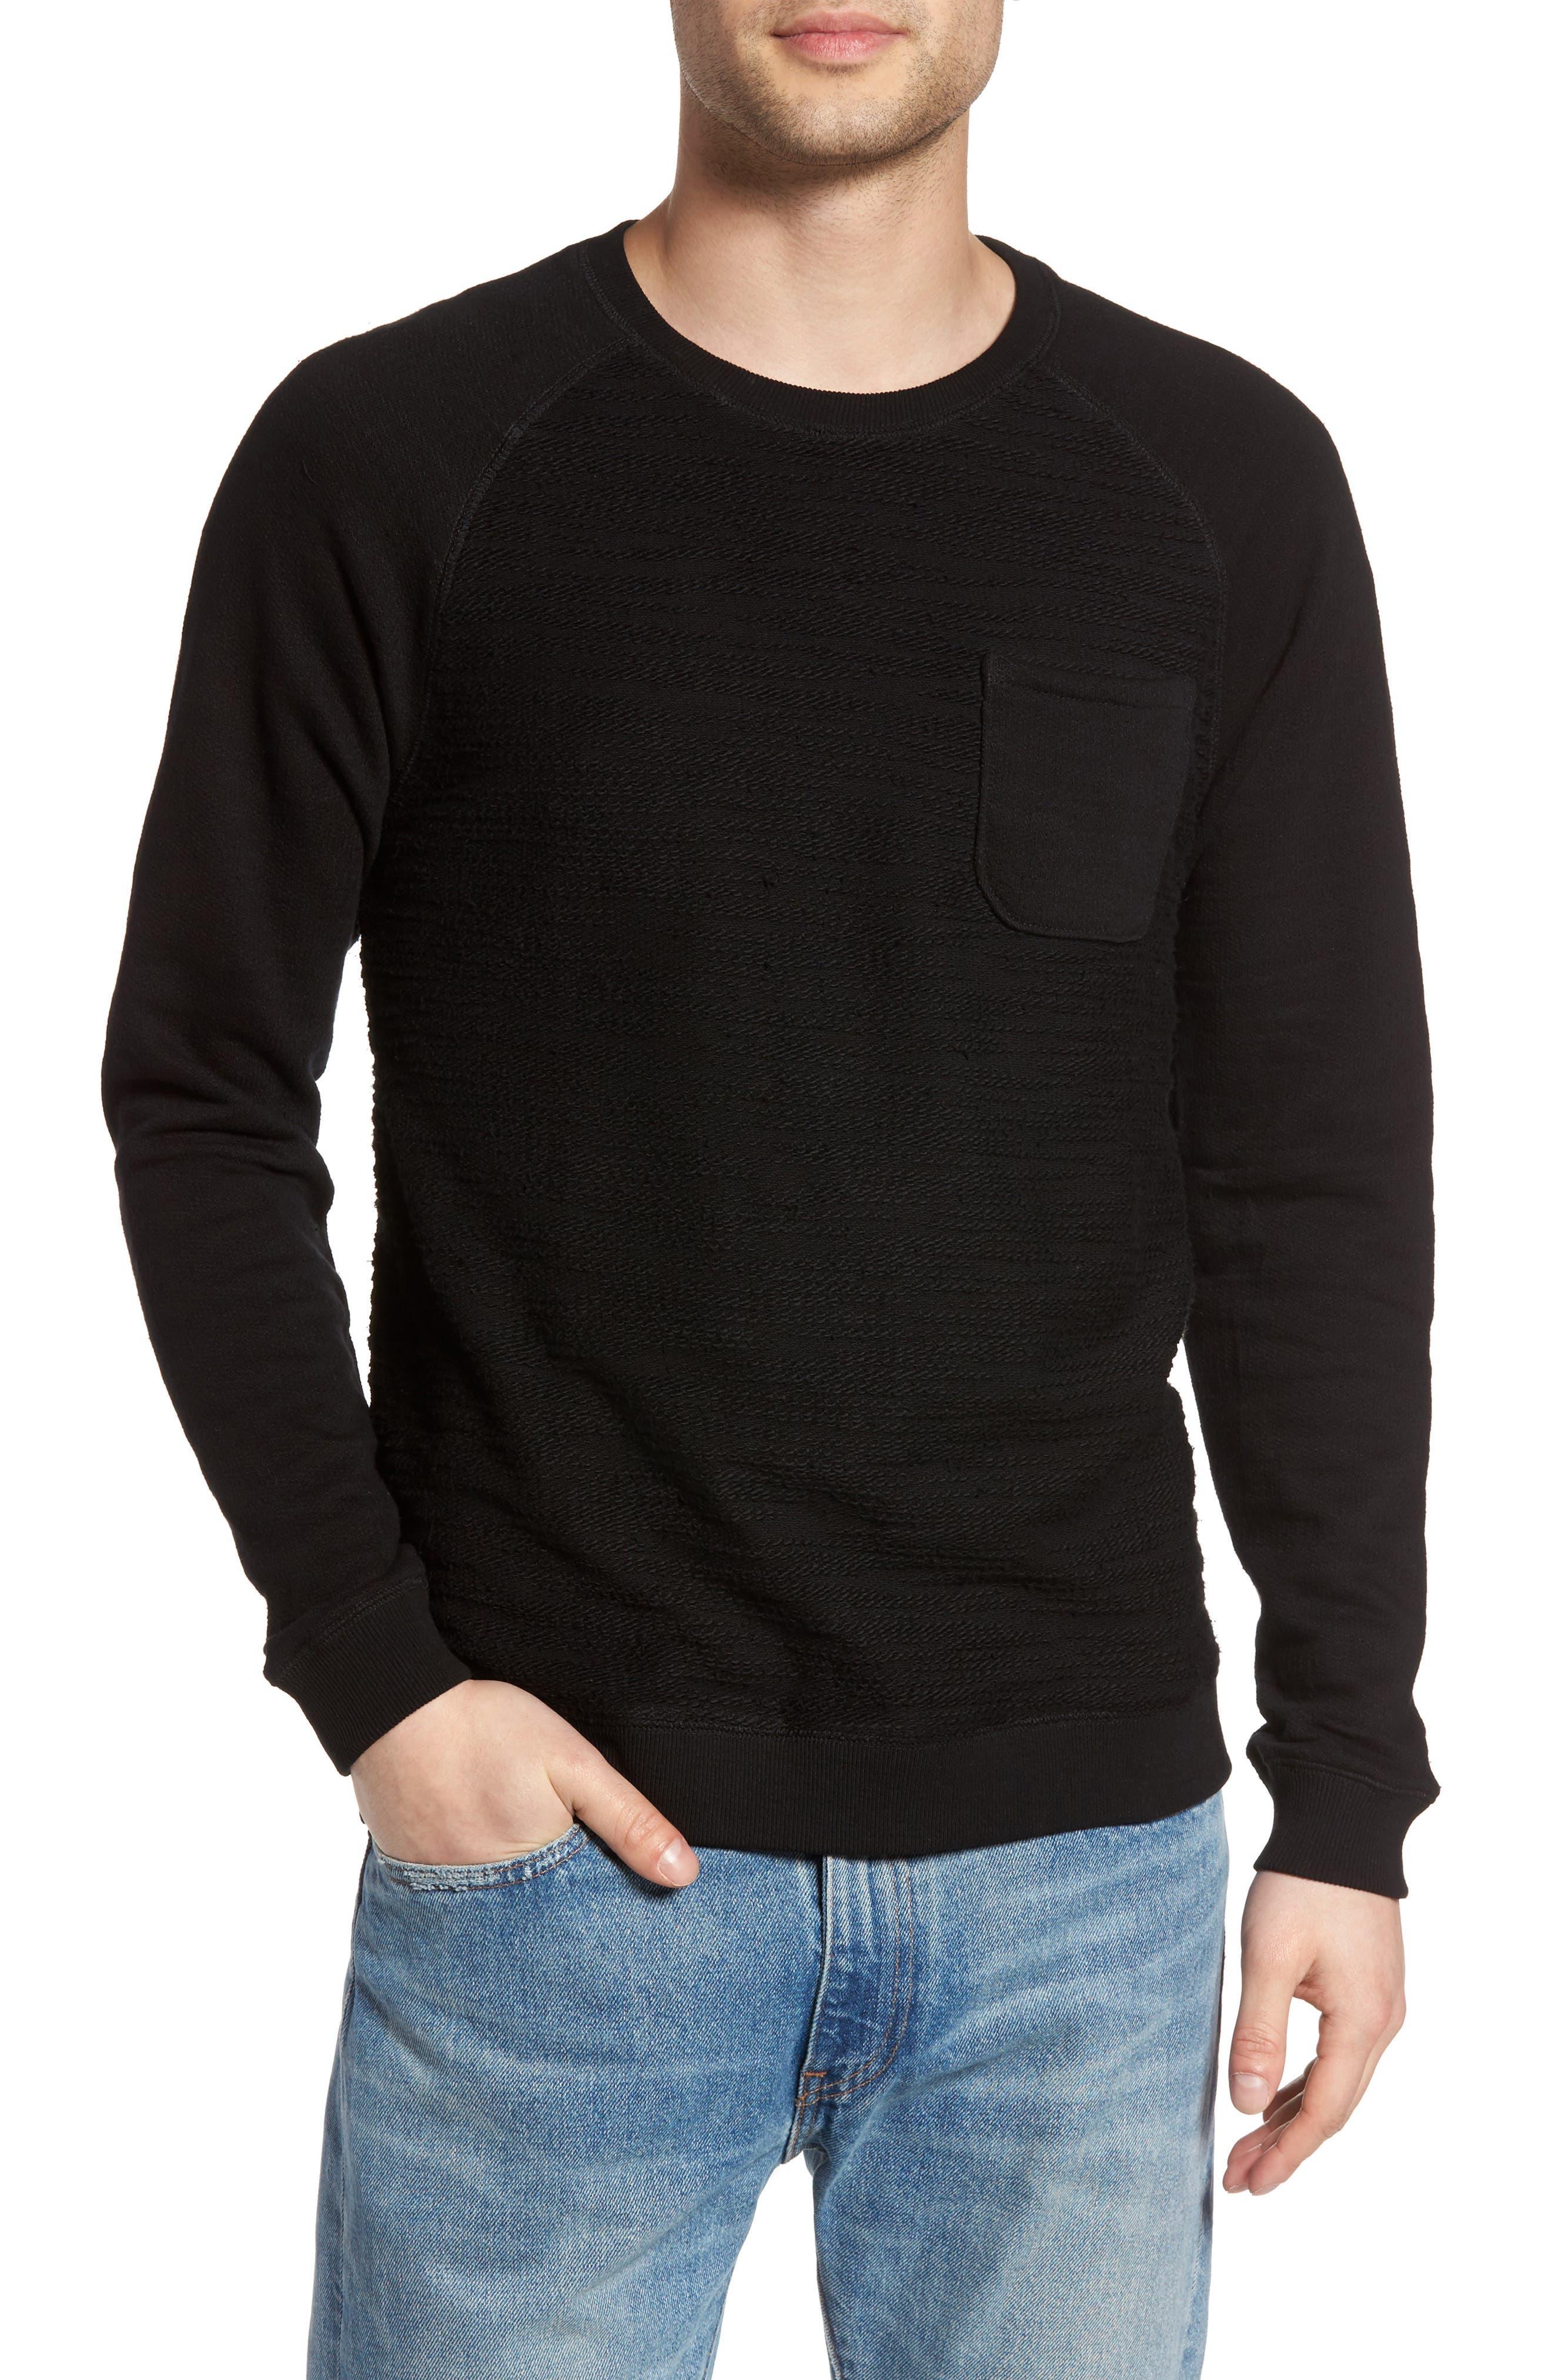 Frey Slubbed Pocket Sweatshirt,                         Main,                         color, 001